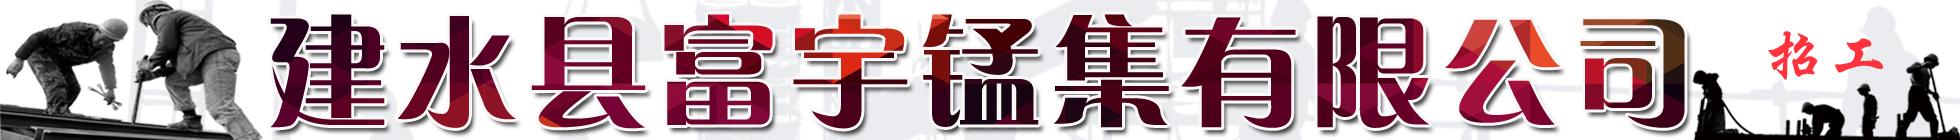 建水县富宇锰集有限公司